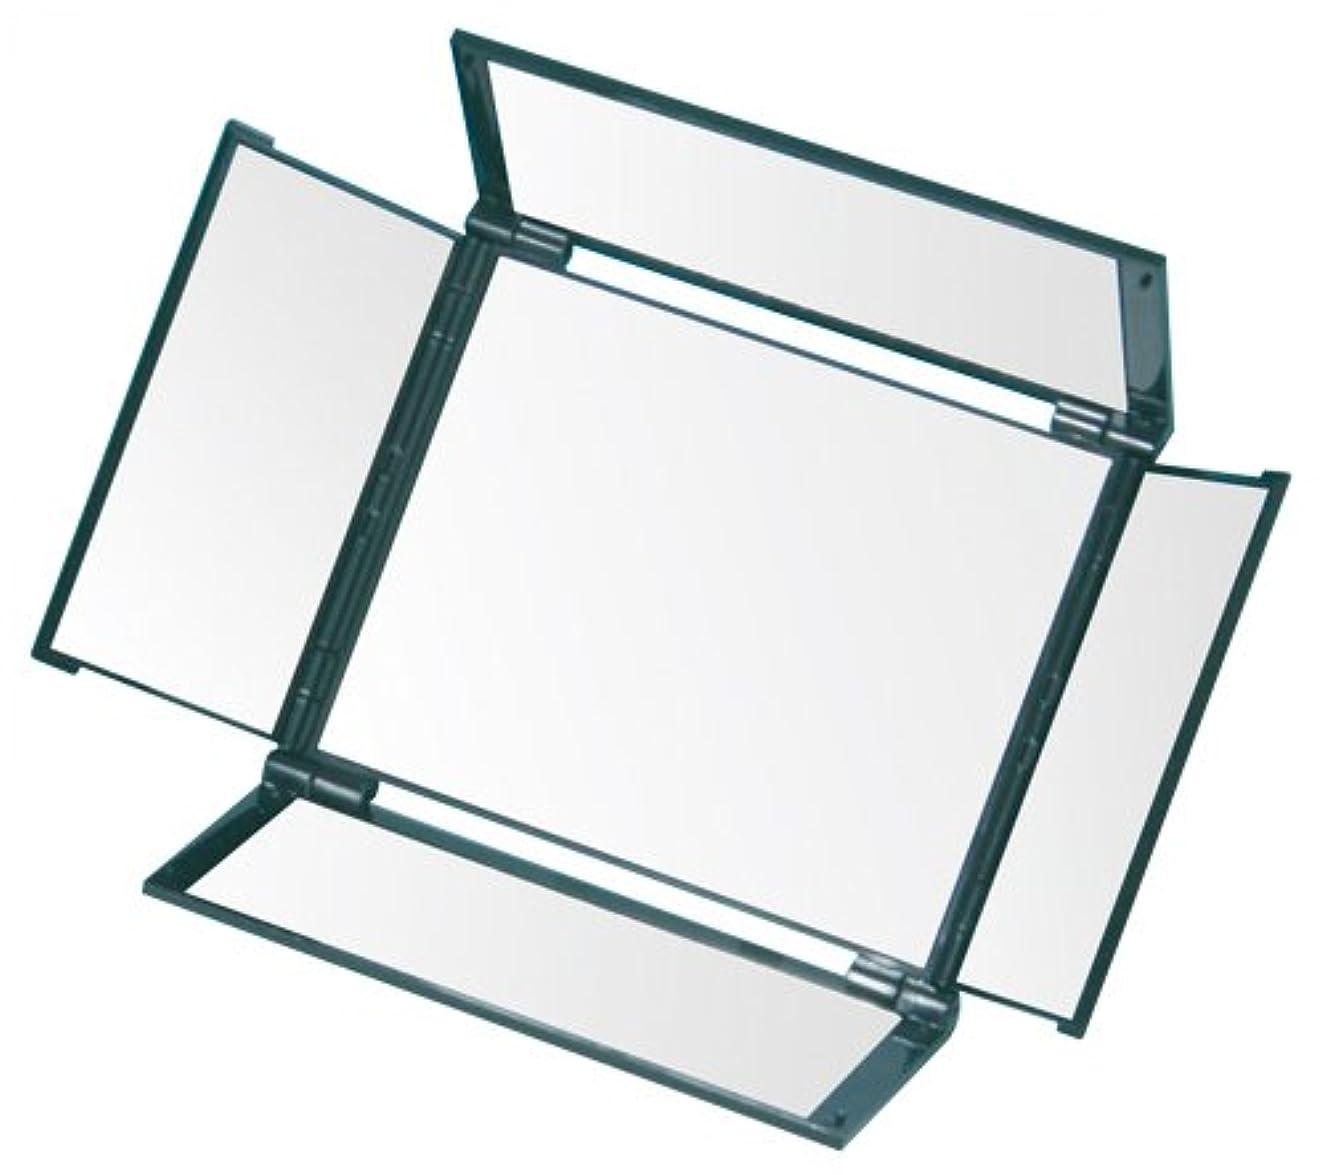 アクチュエータクローンテーブルを設定するオールラウンドミラー(5面鏡) HA-5 メタリックブラック